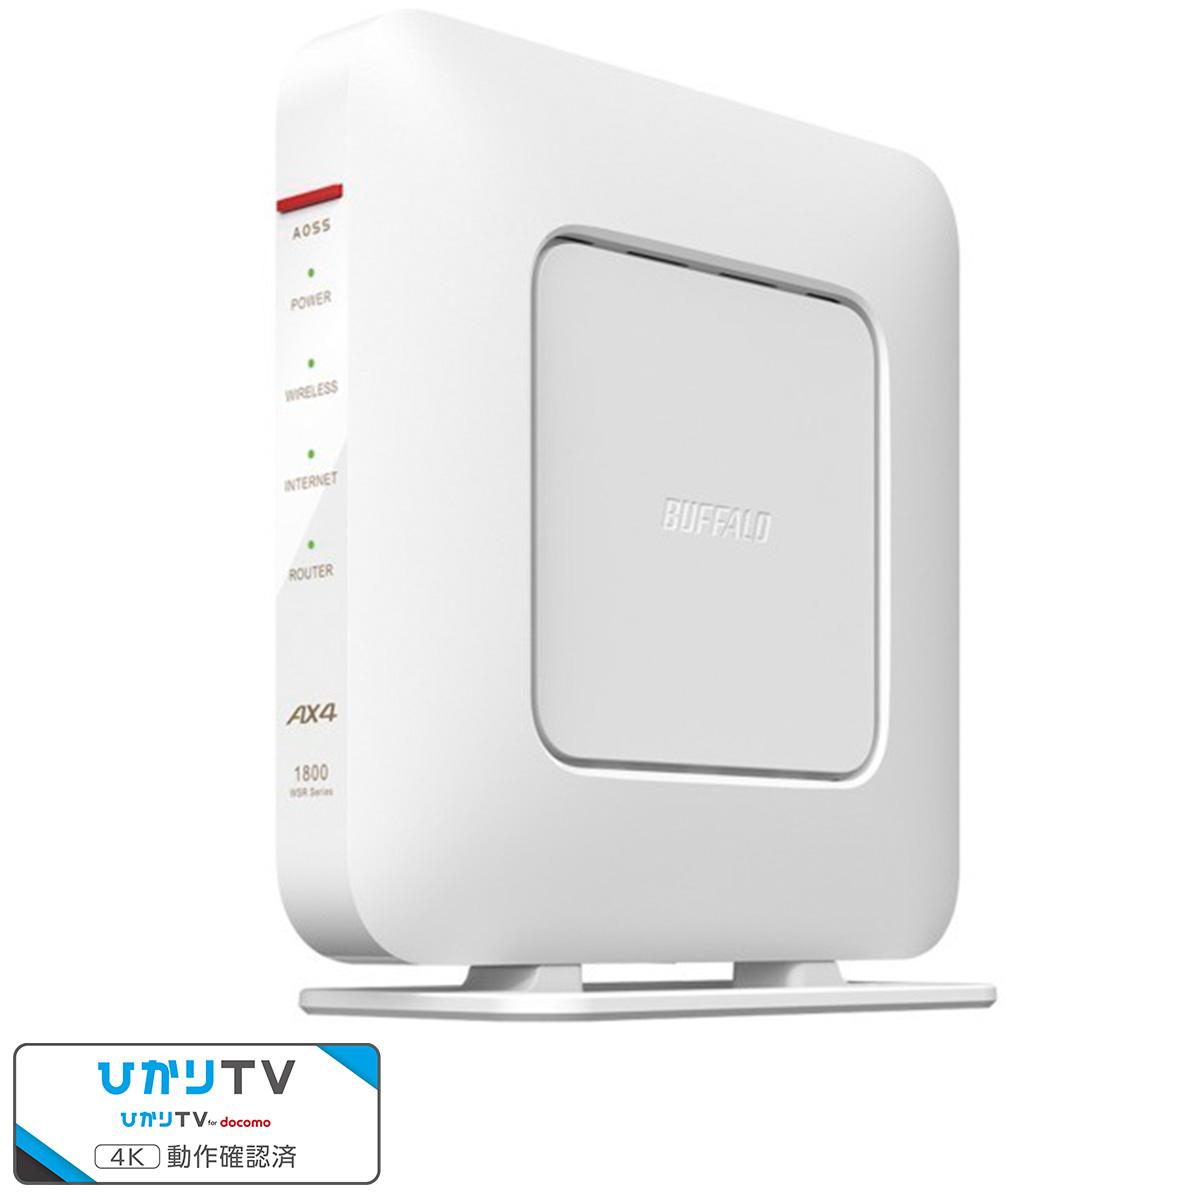 BUFFALO 無線LAN親機 WiFiルーター 11ax ac n a g 気質アップ ホワイト b ネット脅威ブロッカーベーシック搭載 WiFi6 WSR-1800AX4S DWH 1201+573Mbps Ipv6対応 売買